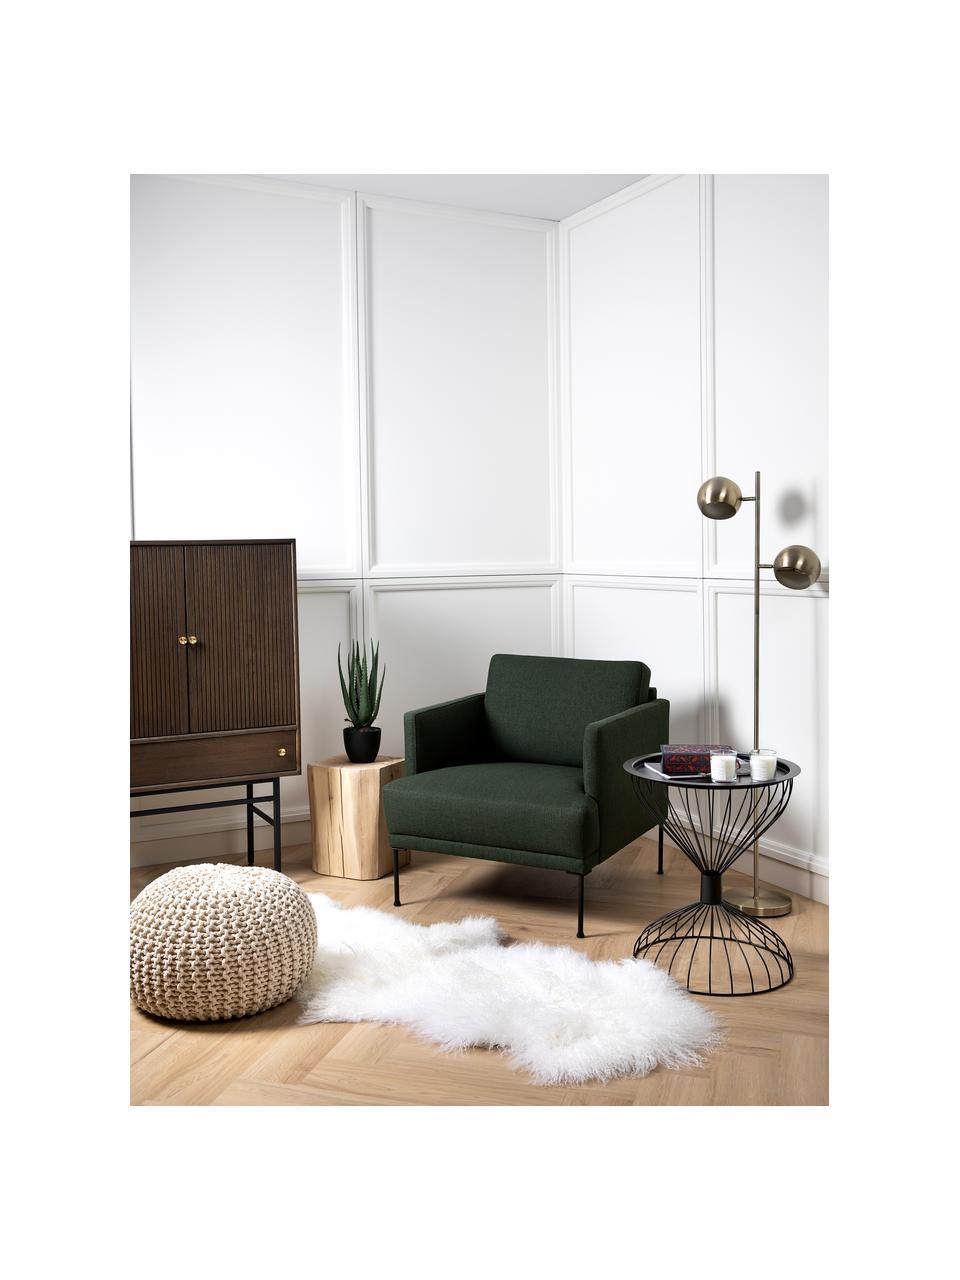 Fotel z metalowymi nogami Fluente, Tapicerka: 100% poliester Dzięki tka, Nogi: metal malowany proszkowo, Ciemny zielony, S 74 x G 85 cm